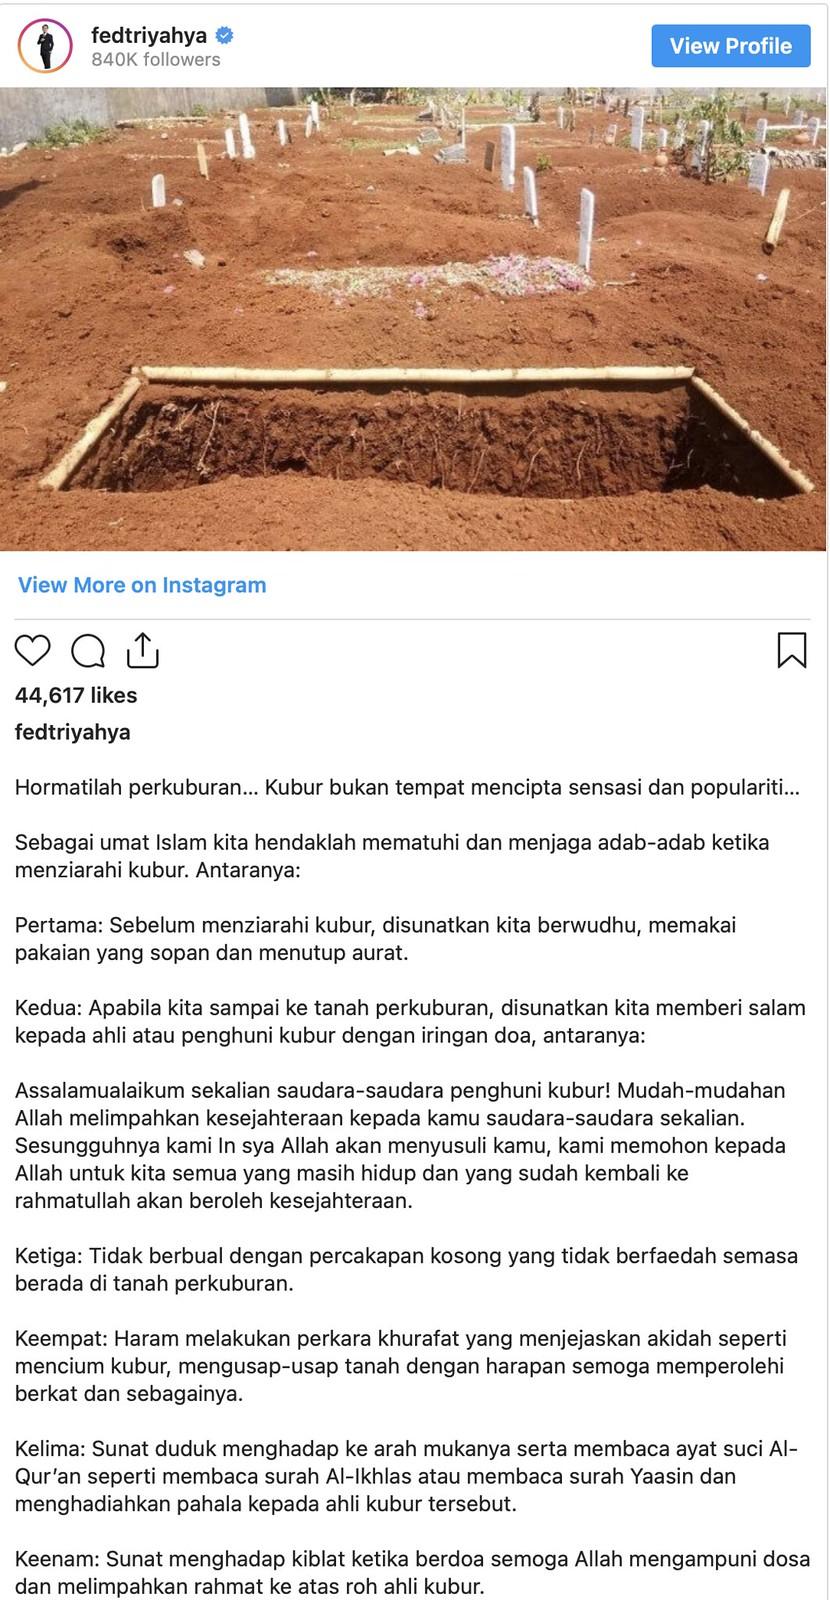 """""""Kubur Bukan Tempat Cipta Sensasi Dan Populariti.."""" - Ahmad Fedtri Yahya"""